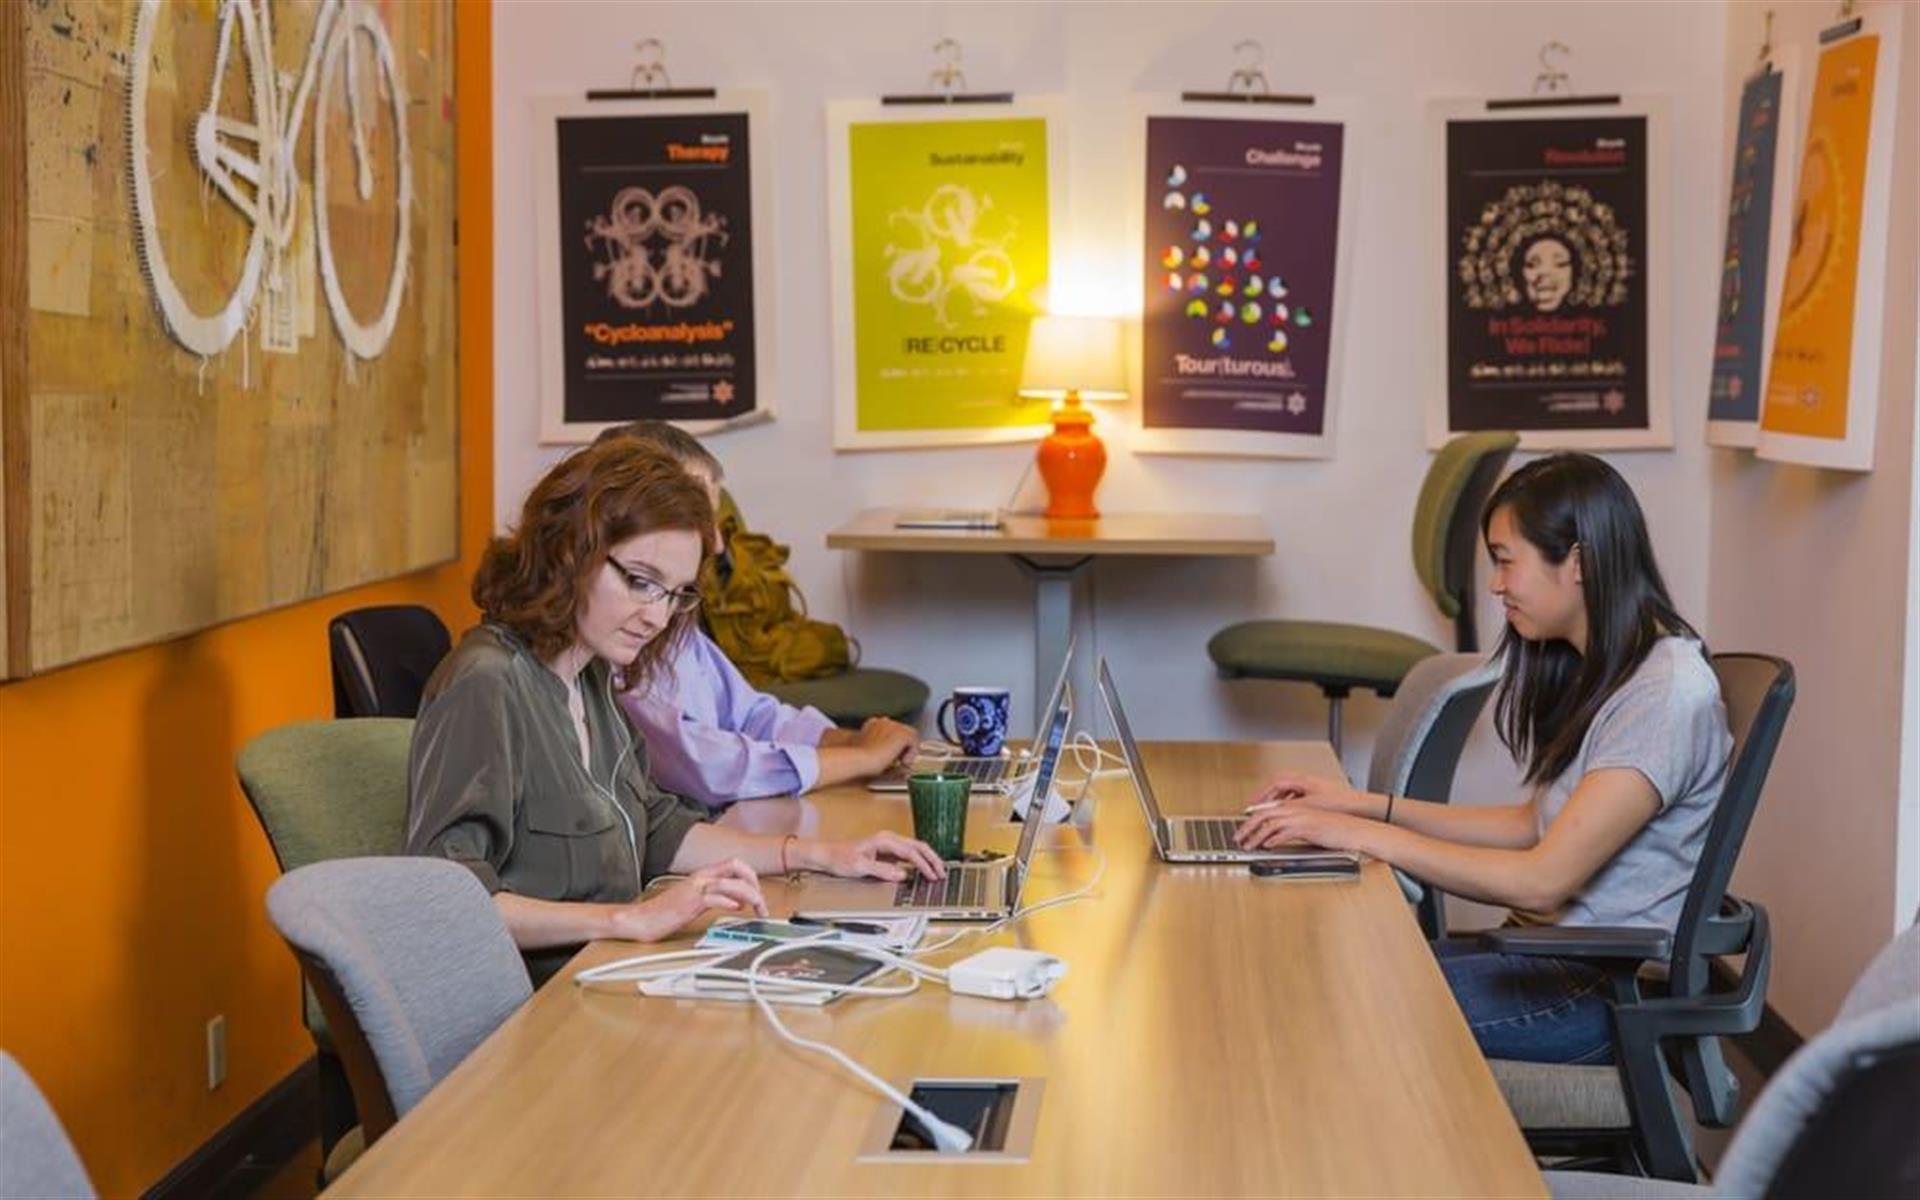 NextSpace San Jose - Monthly Office Membership